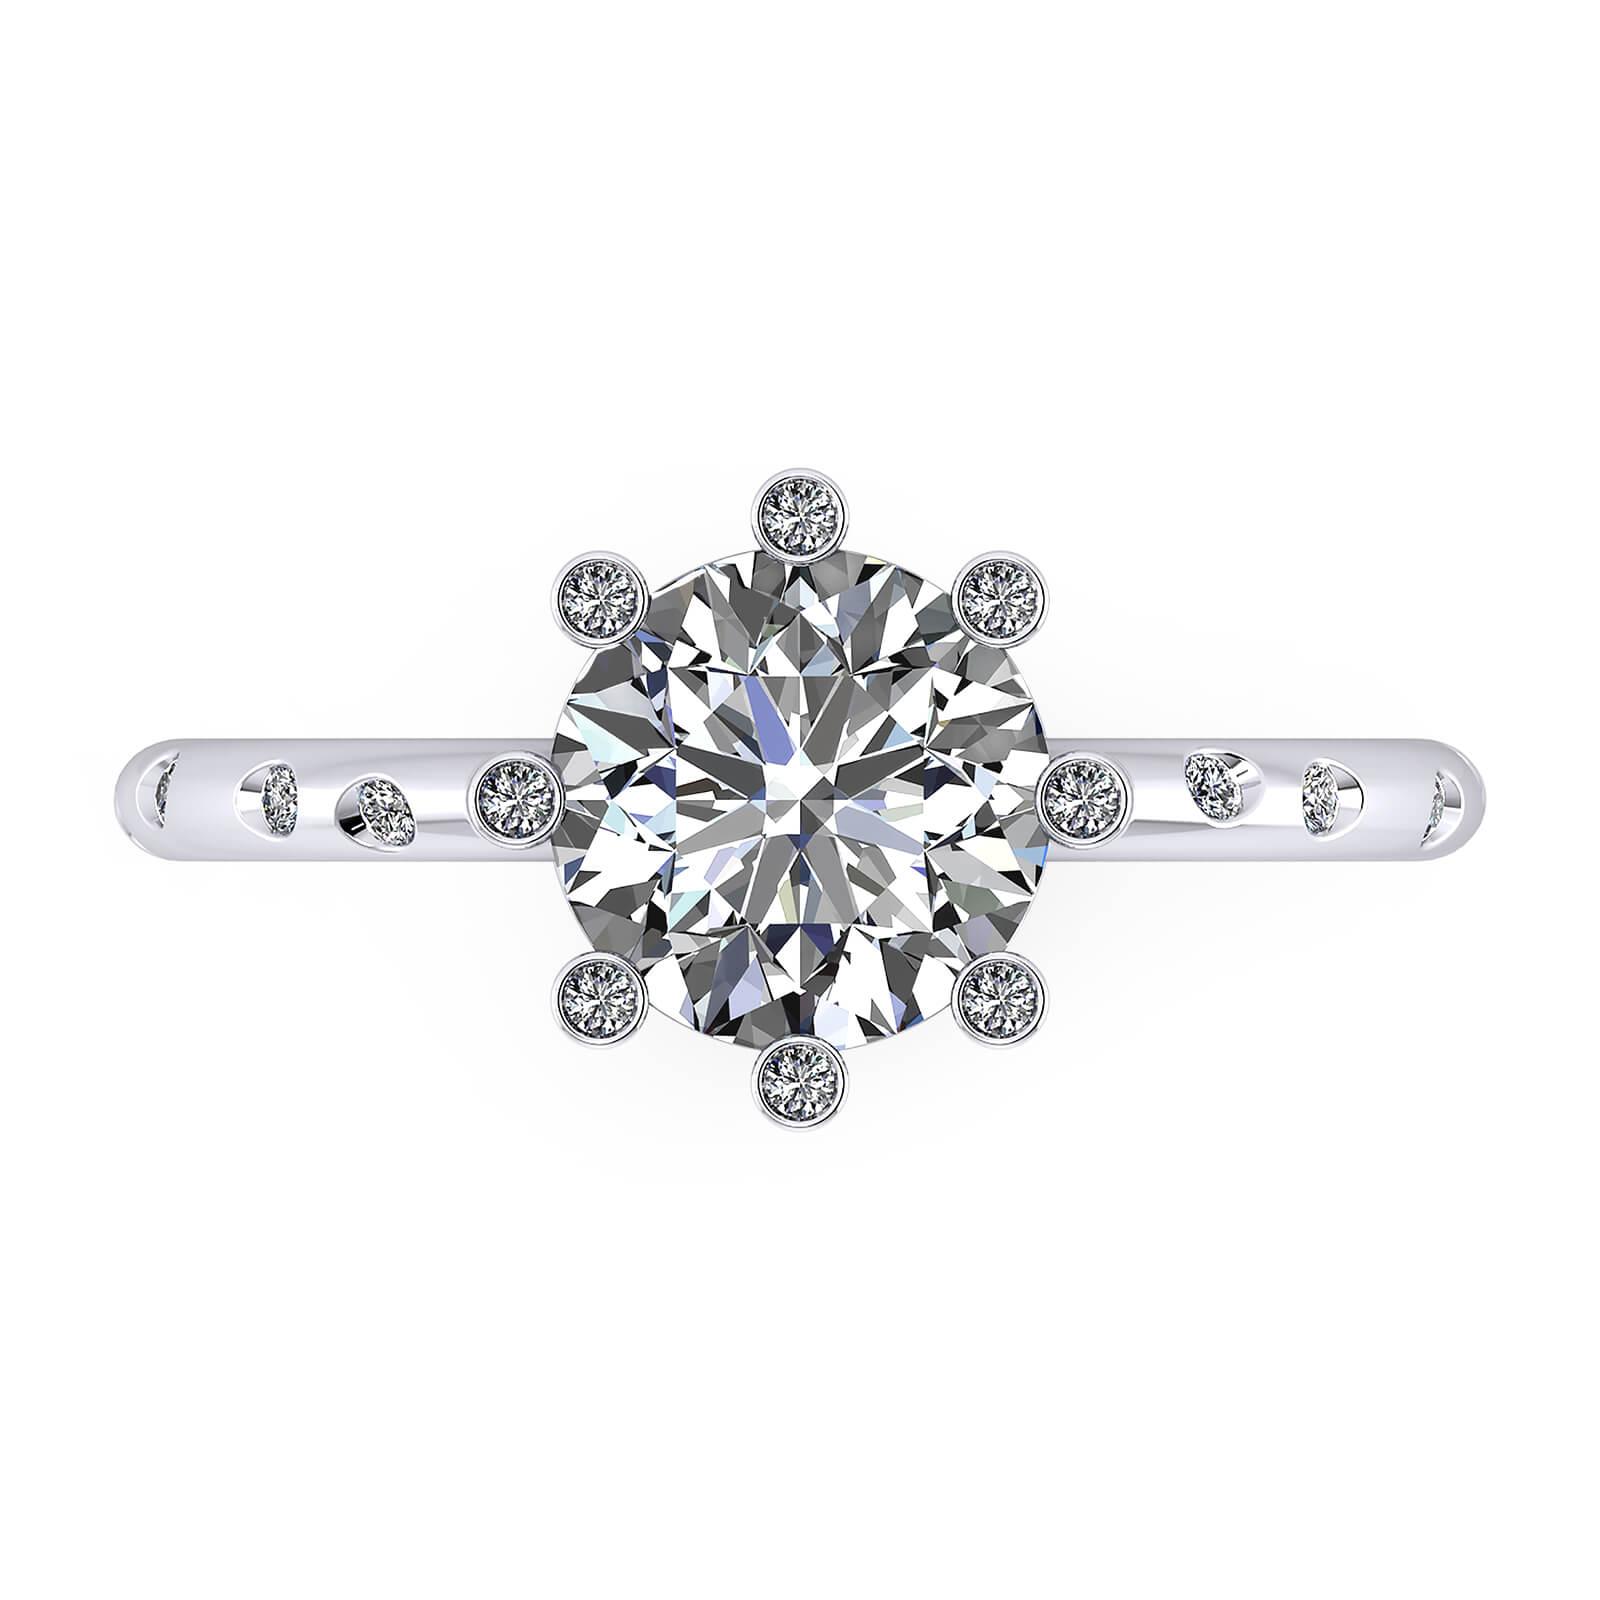 Anells de compromís or blanc amb 16 diamants i 1 diamant central